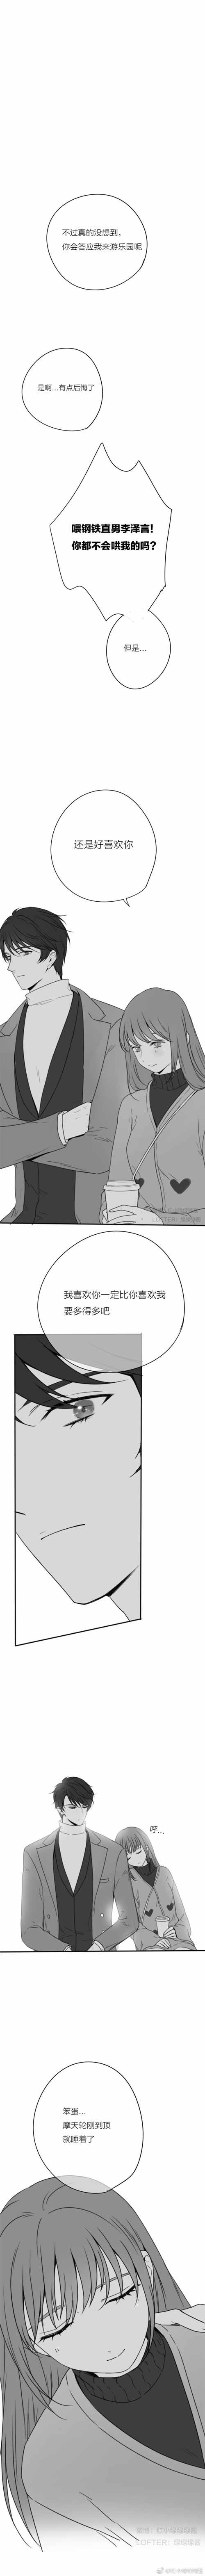 恋与制作人漫画 恋与制作人同人漫画图片李泽言游乐园篇